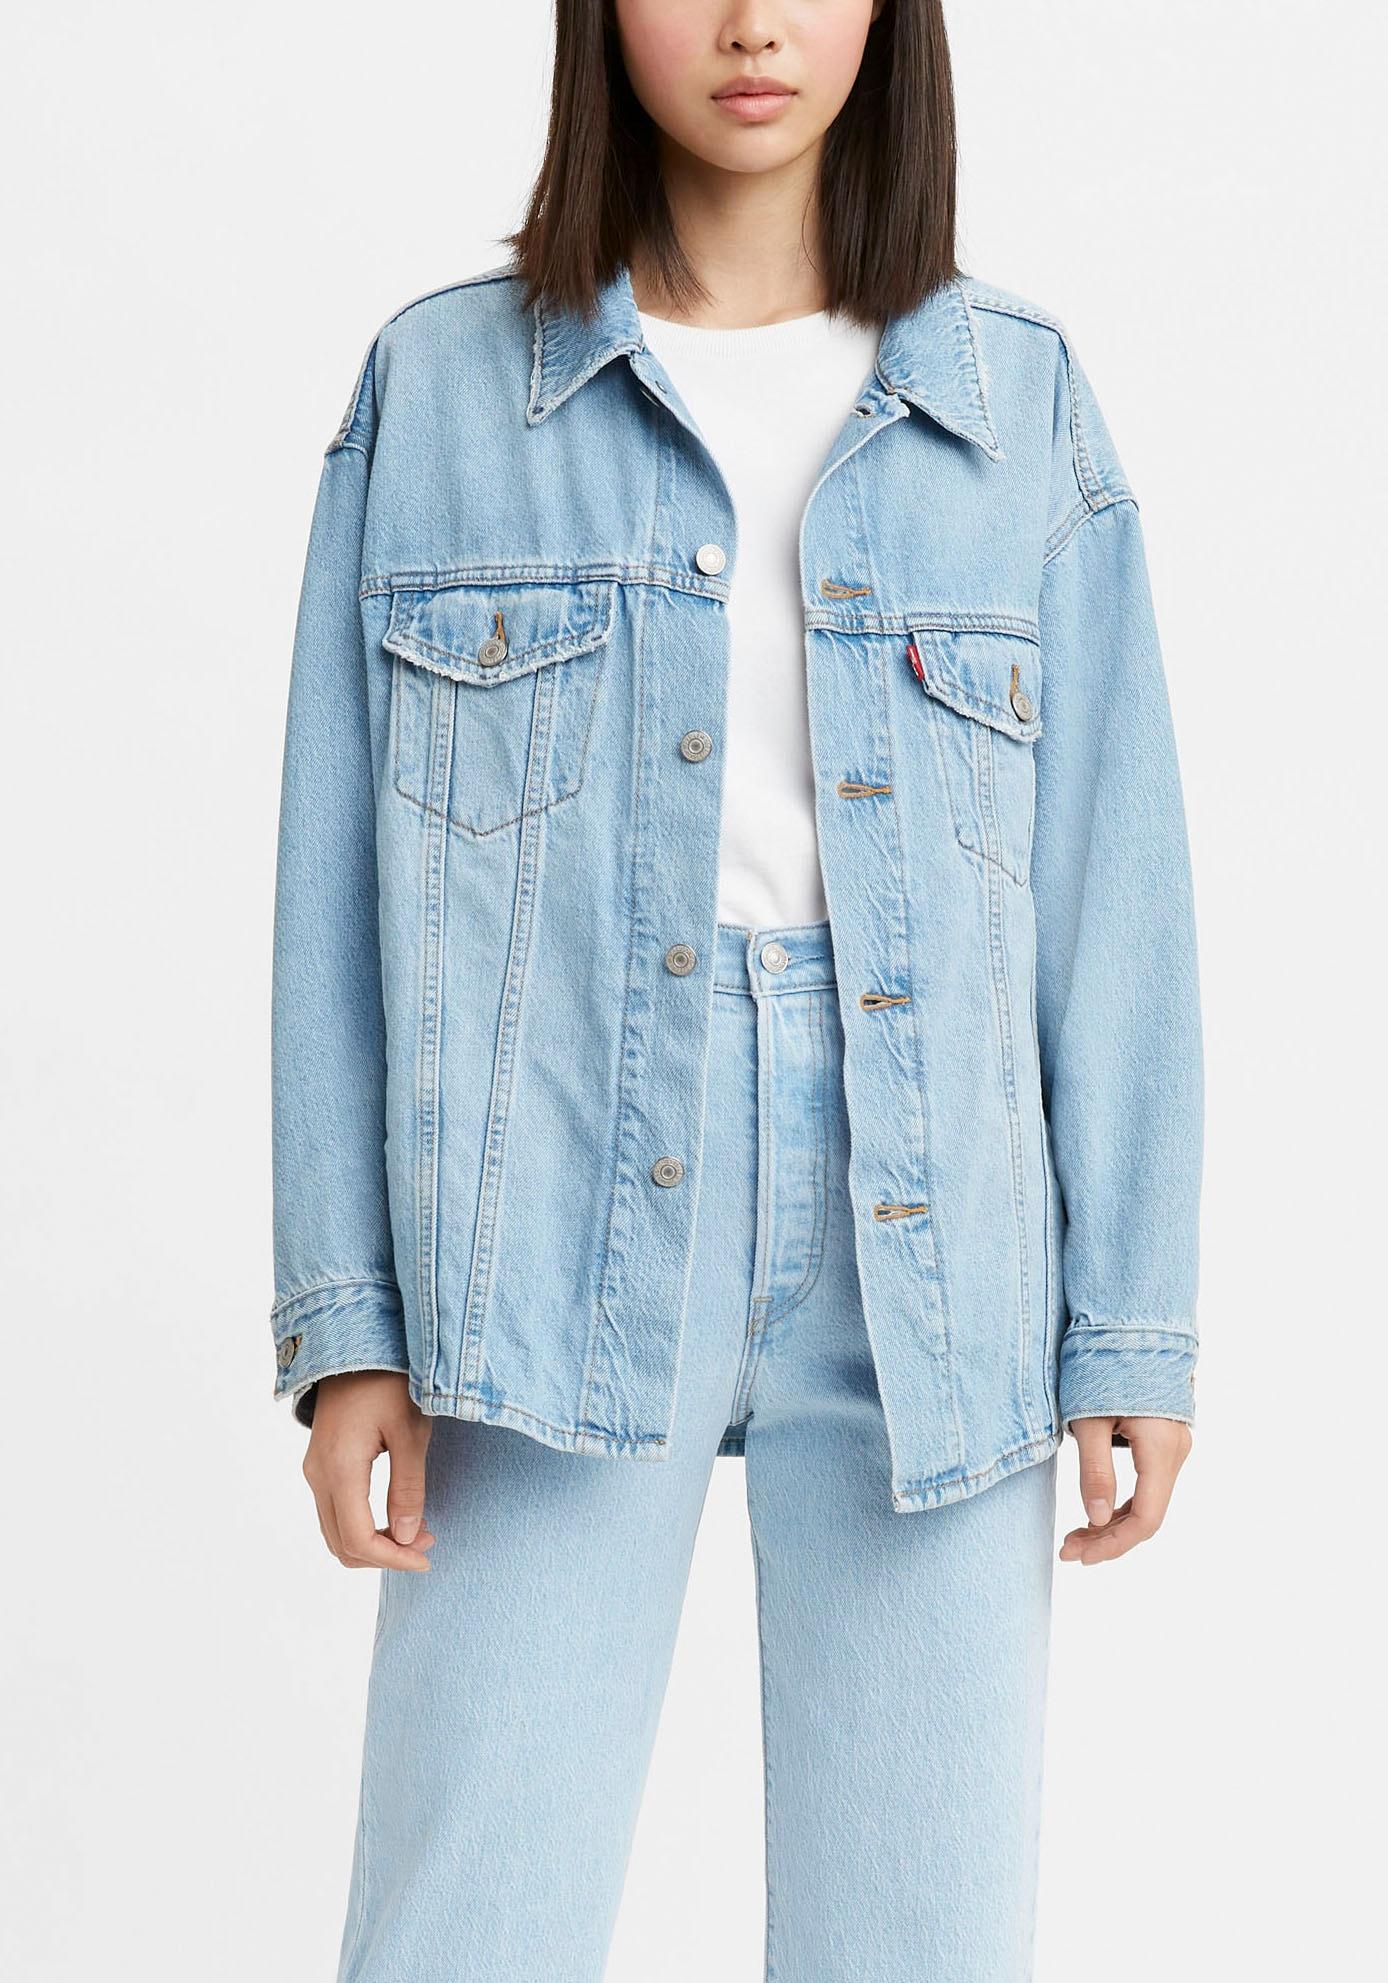 levis - Levi's Jeansjacke SHACKET TRUCKER, aus Jeans